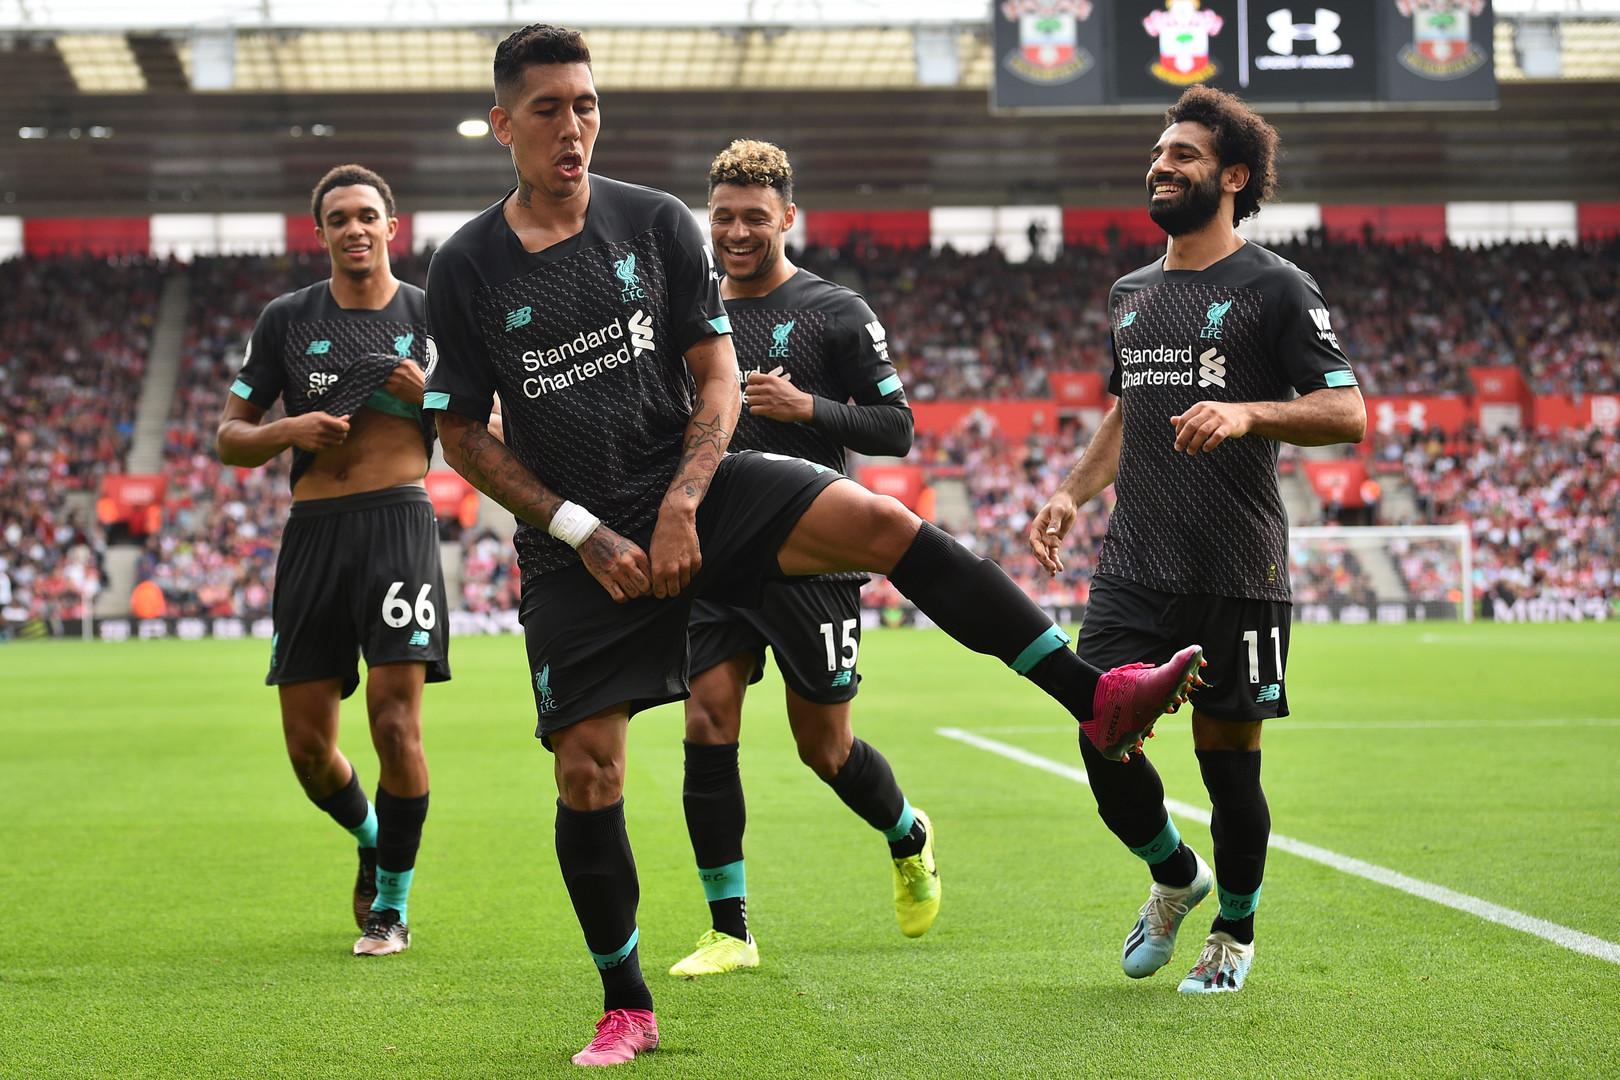 ليفربول يقتنص الفوز من أرض ساوثهامبتون في